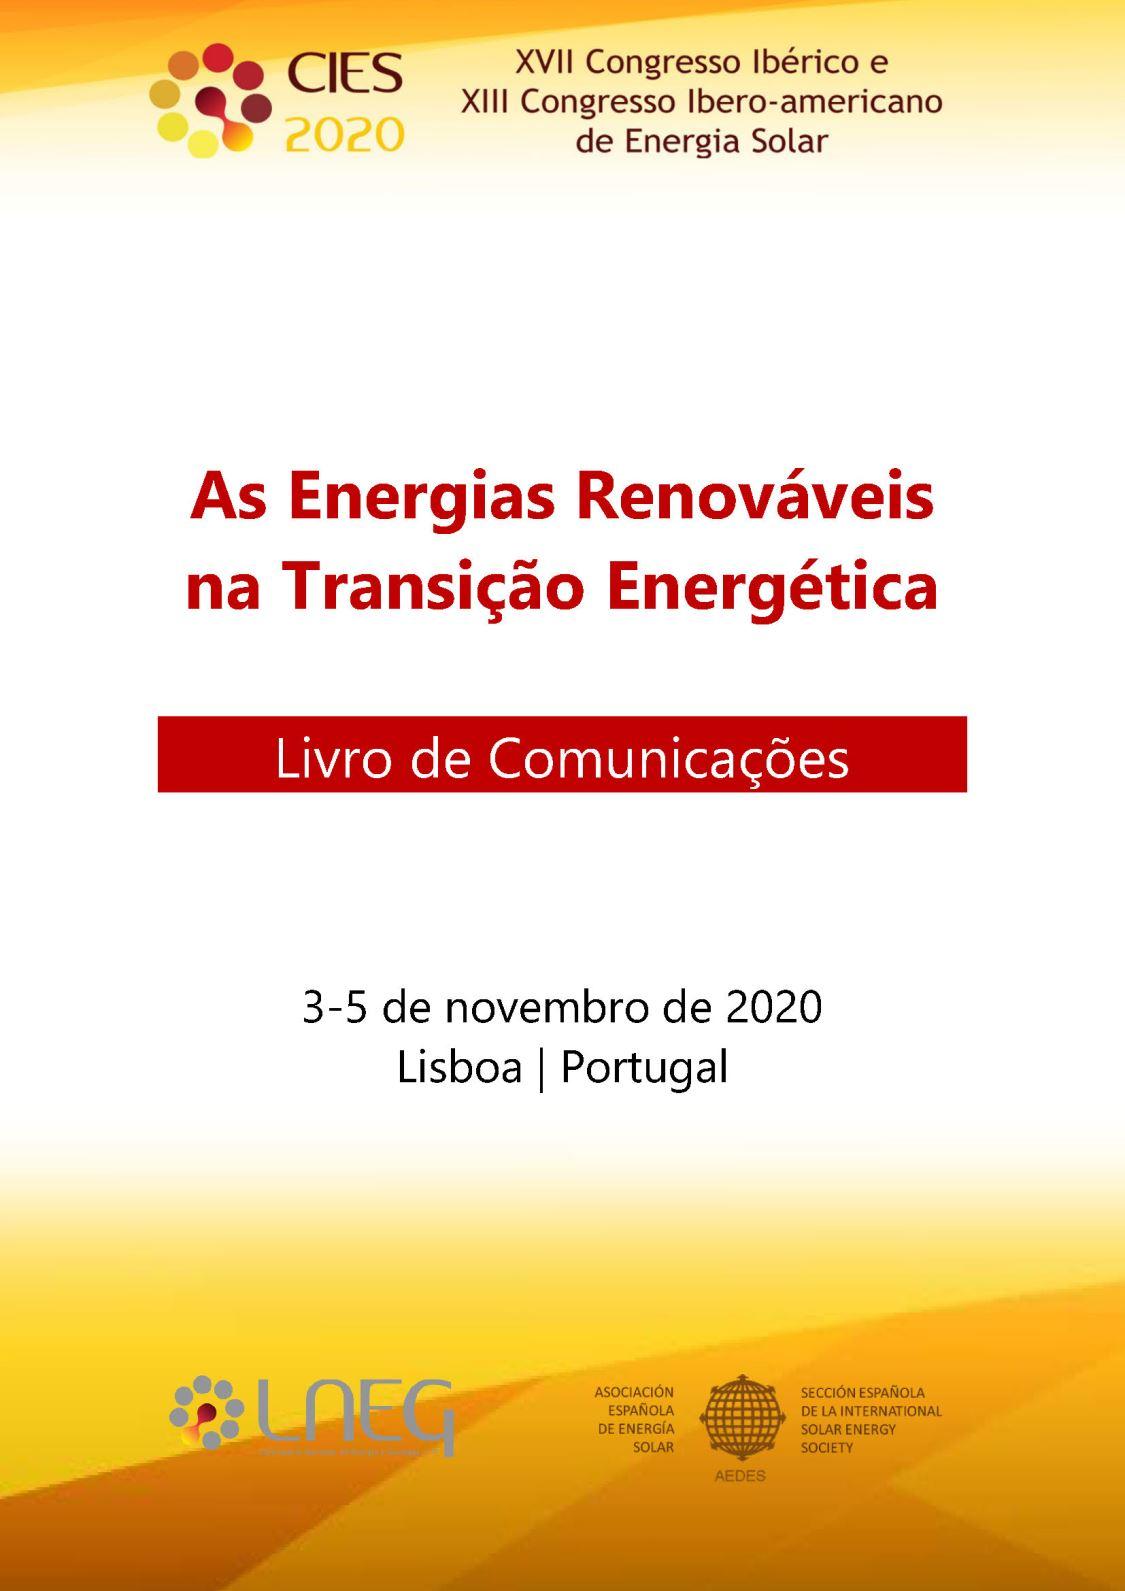 As Energias Renováveis na Transição Energética: Livro de Comunicações do XVII Congresso Ibérico e XIII Congresso Ibero-americano de Energia Solar (2020)